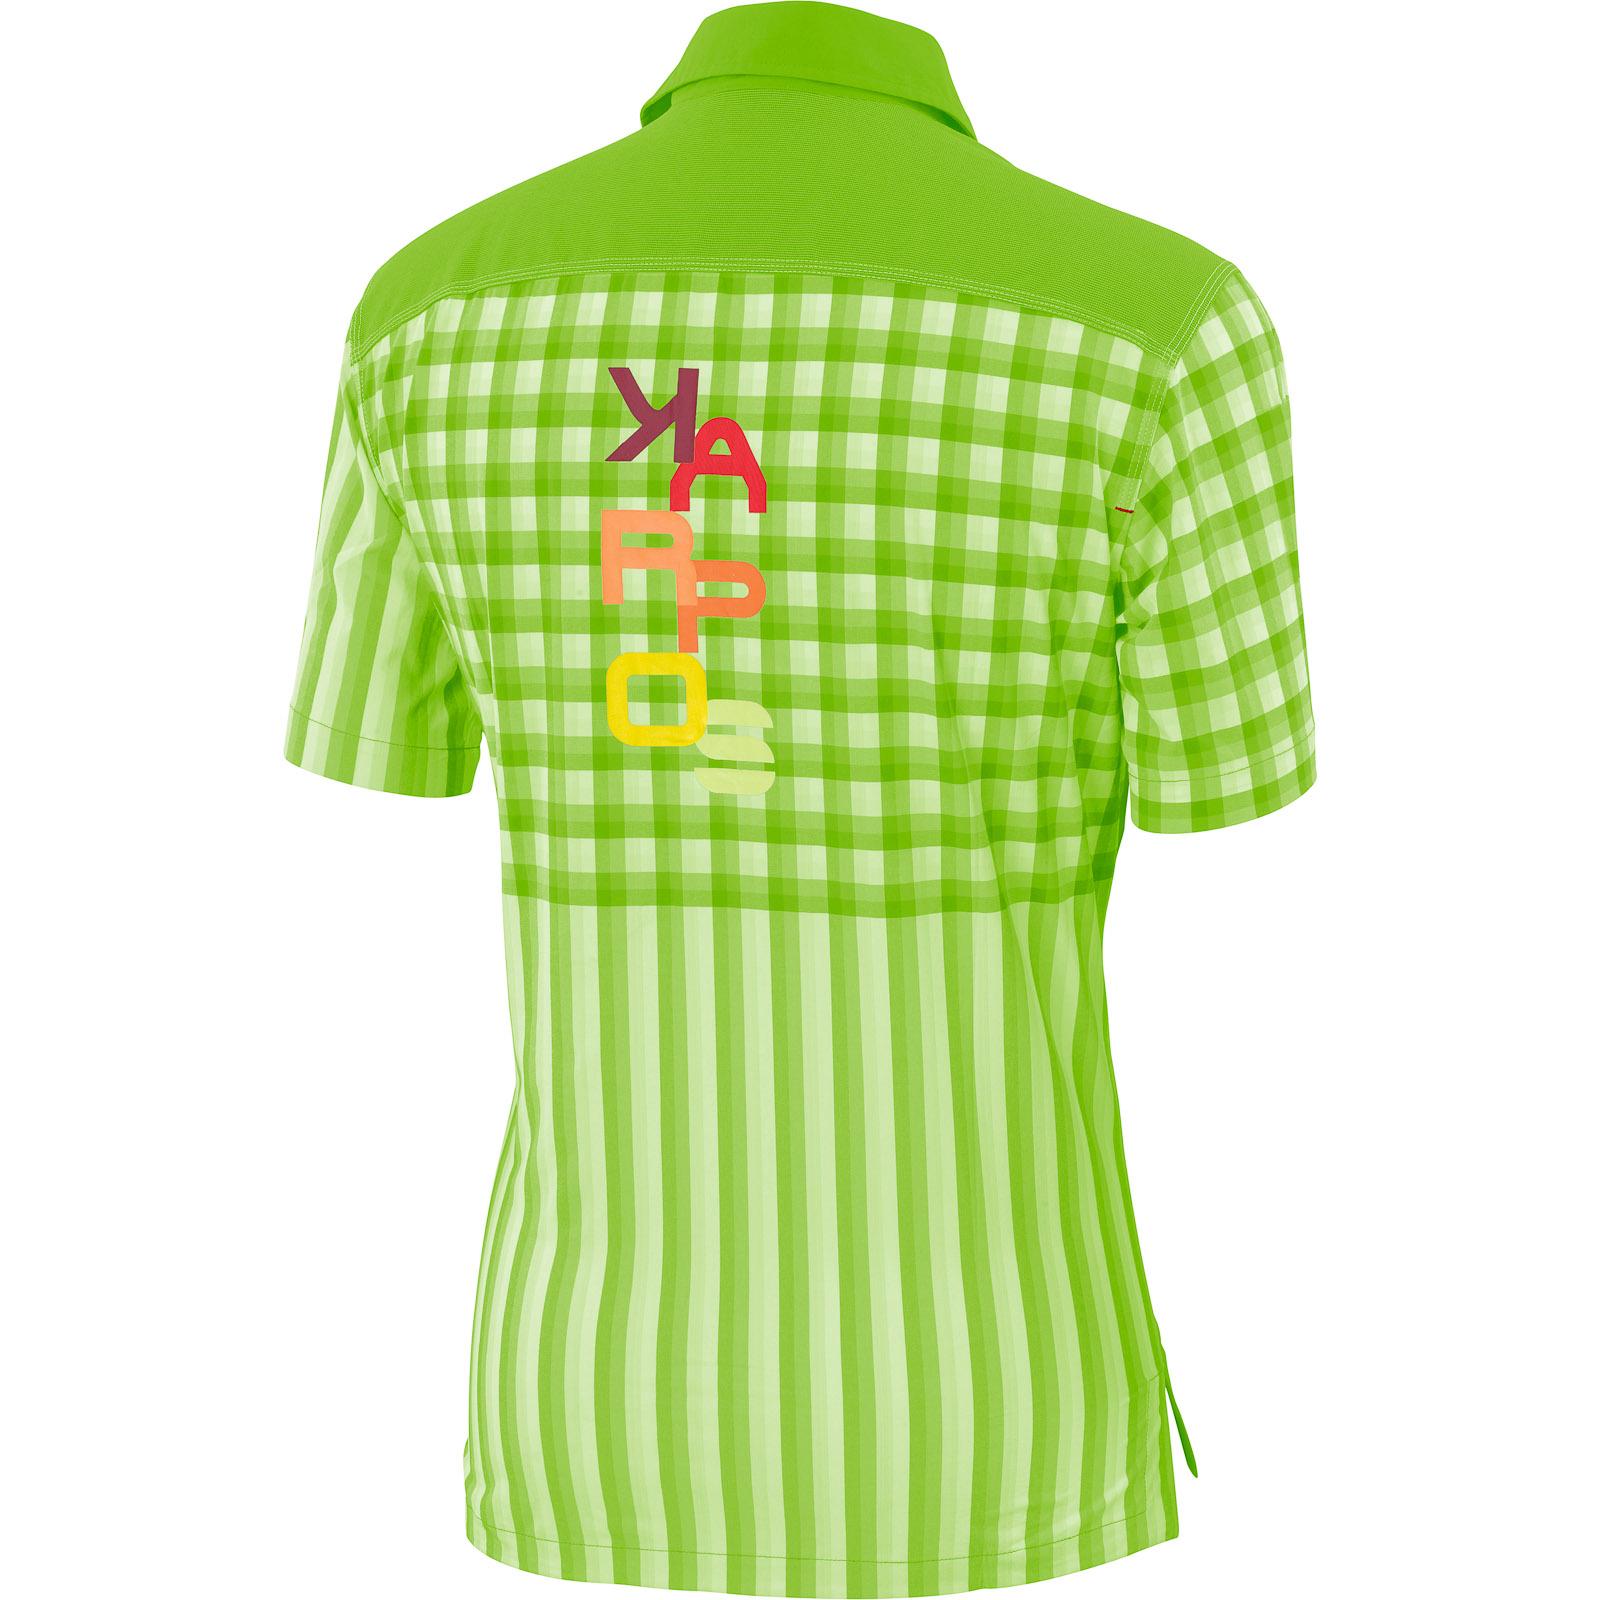 a28b13d71c6b Karpos FREE SHAPE outdoorová košeľa zelená. Pre absolútny zážitok prosím  použite prehliadač s javascriptom